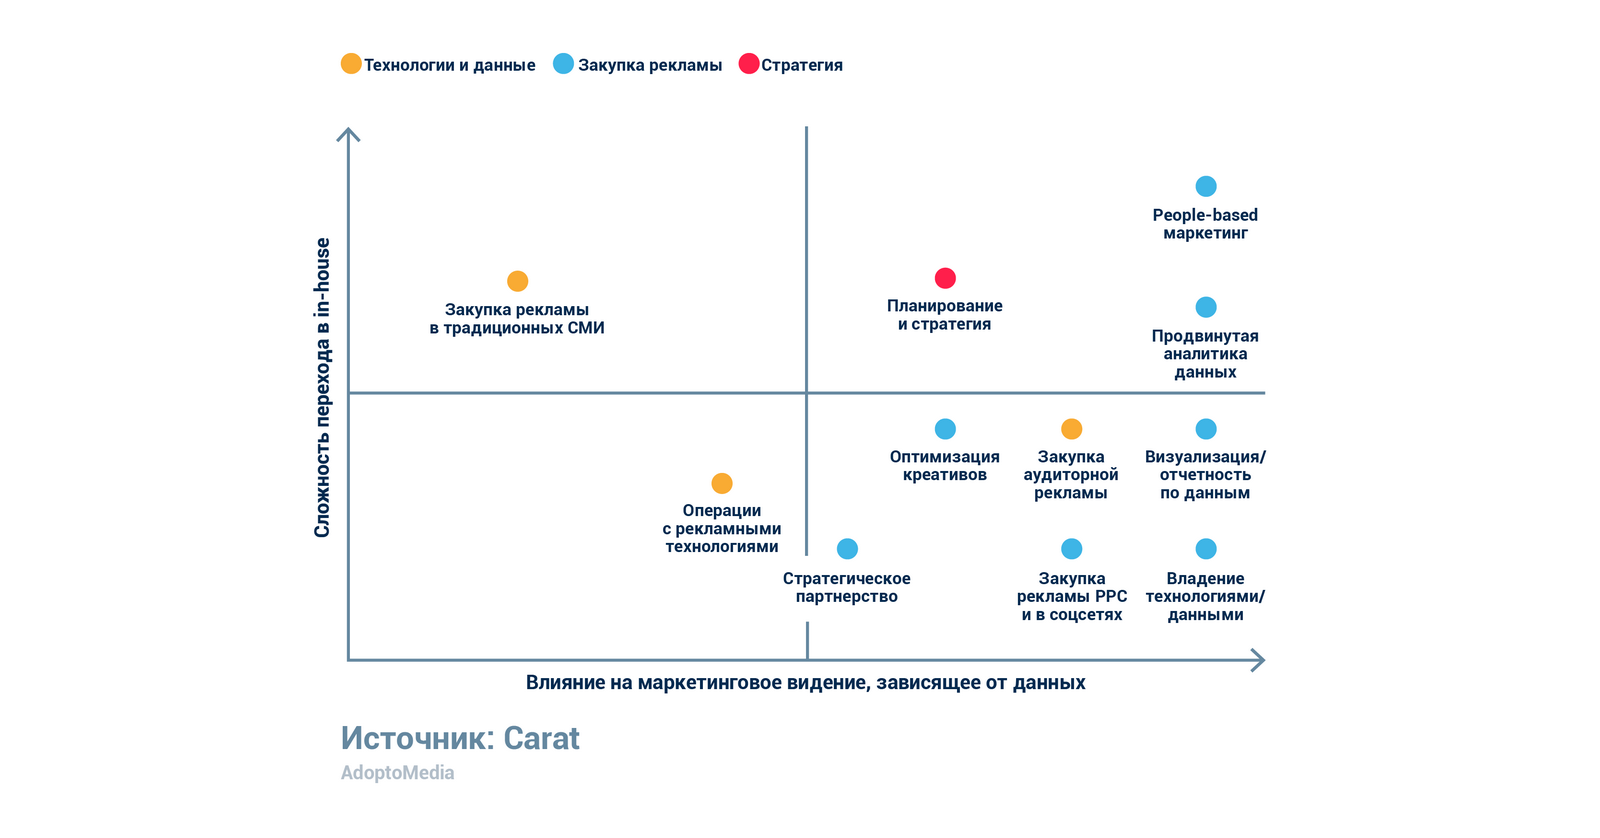 In-house агентство, управление данными, зрелость данных, people-based маркетинг, рекламные технологии